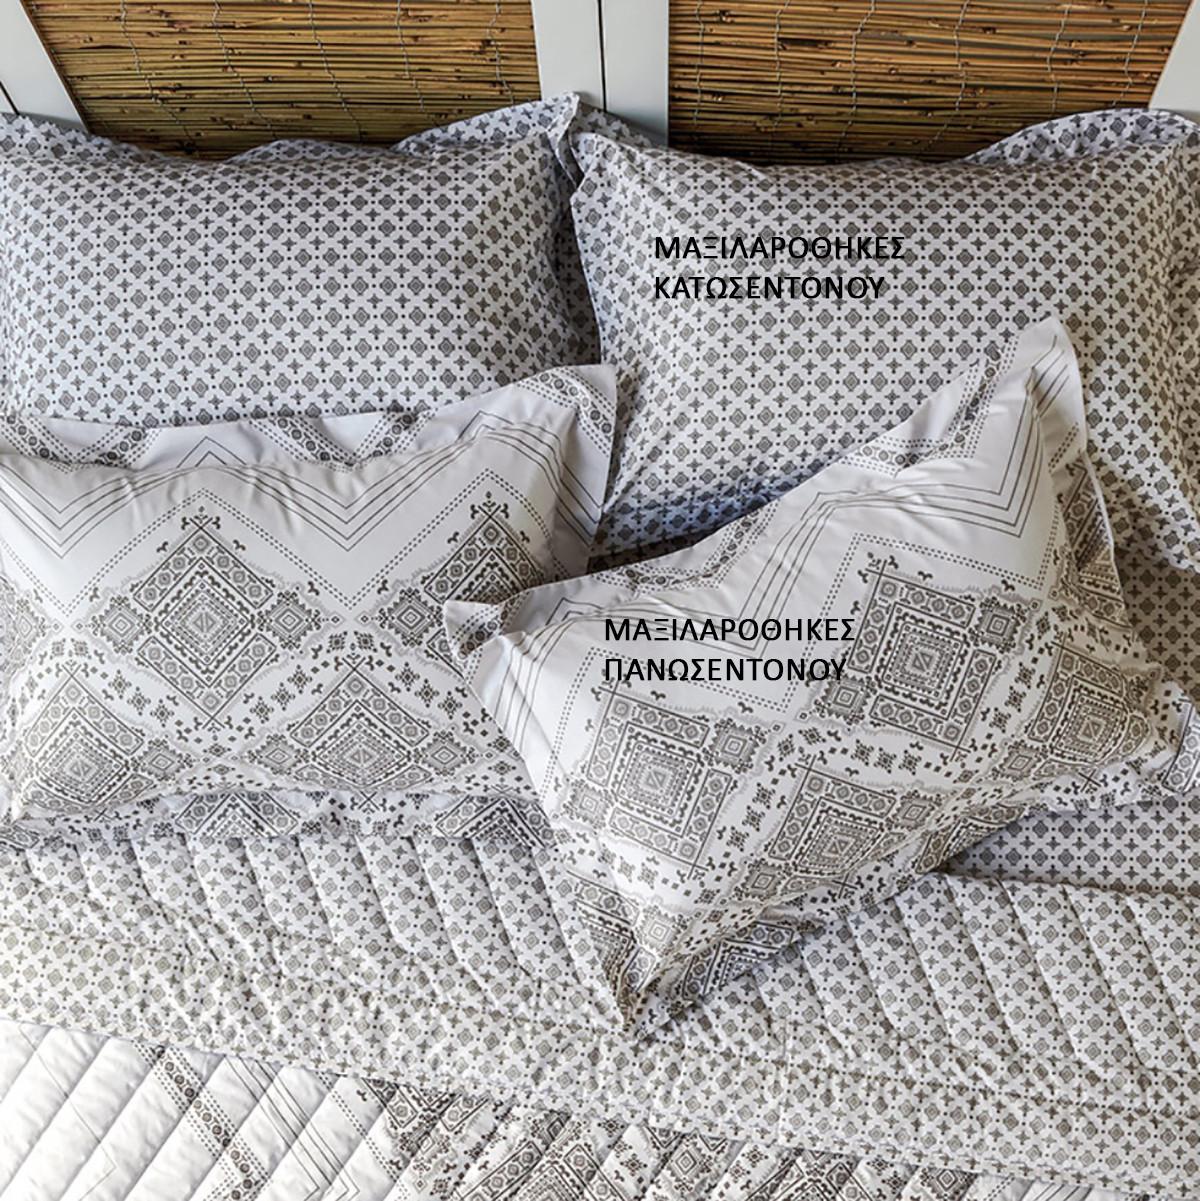 Ζεύγος Μαξιλαροθήκες Kentia Stylish Aladdin 21 home   κρεβατοκάμαρα   μαξιλάρια   μαξιλαροθήκες